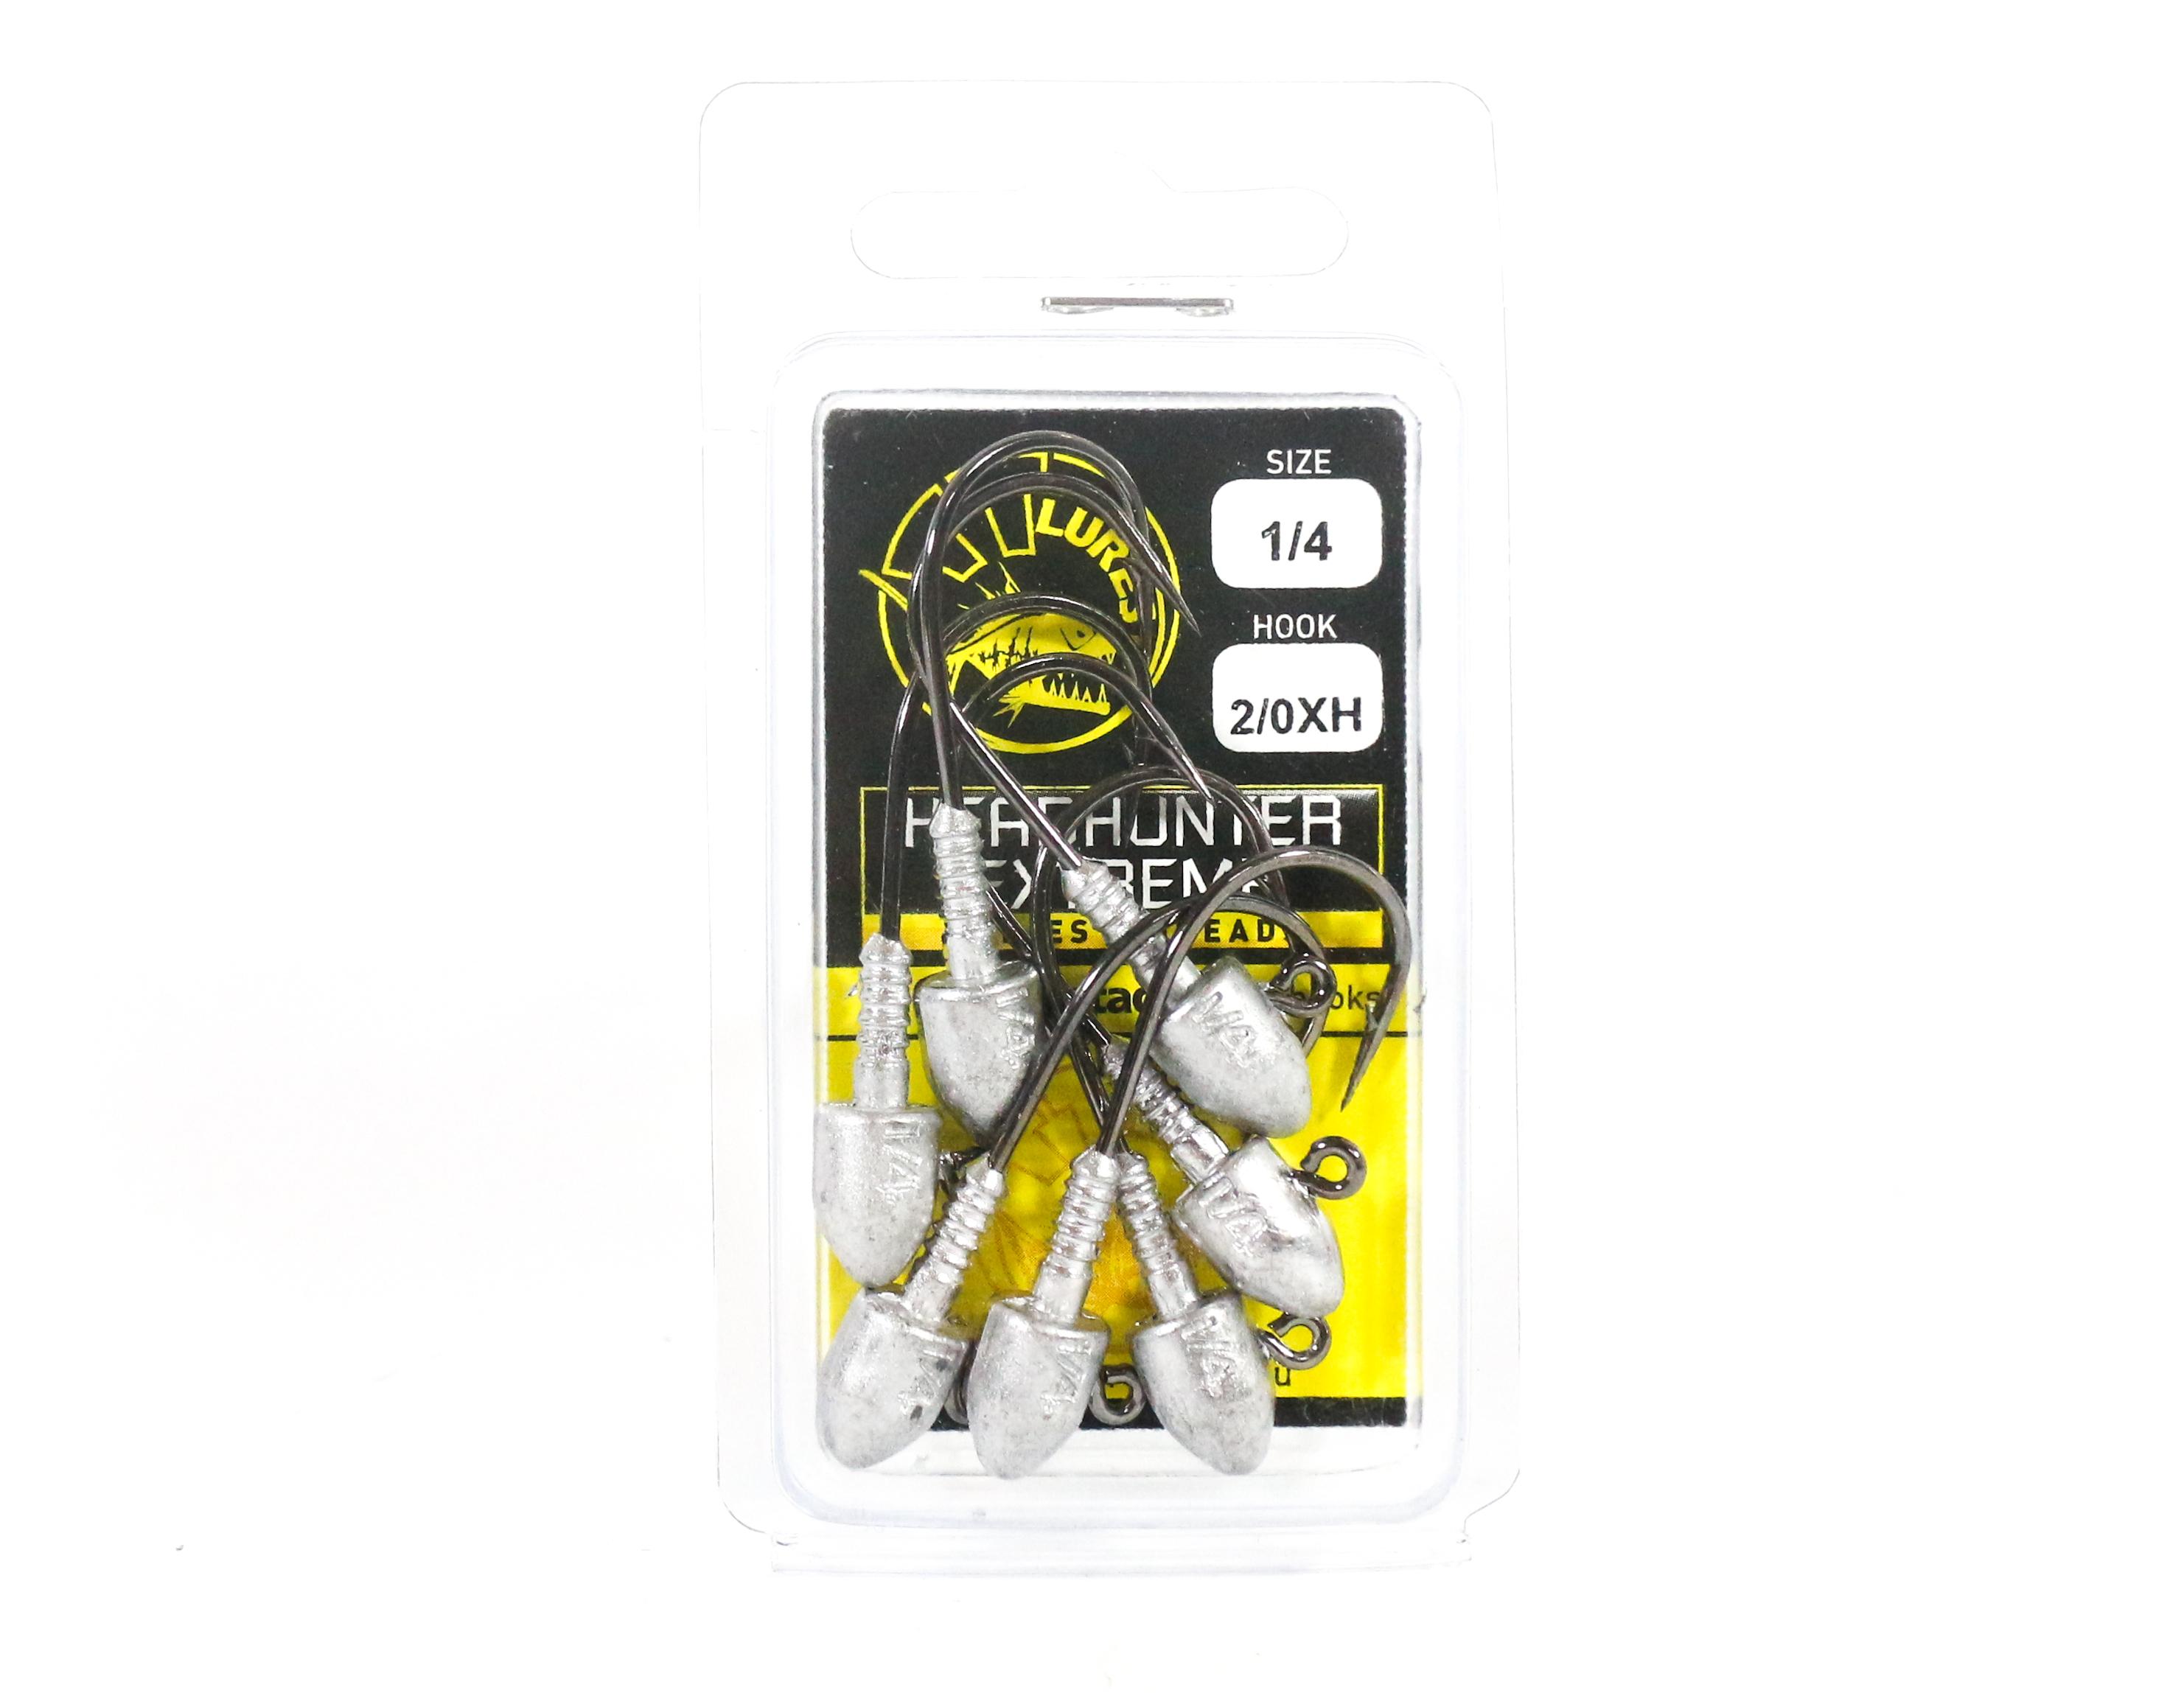 Tackle Tactics TT Head Hunter Extreme Jig Head 1/4 oz 2/0 XH 7 per pack (1524)